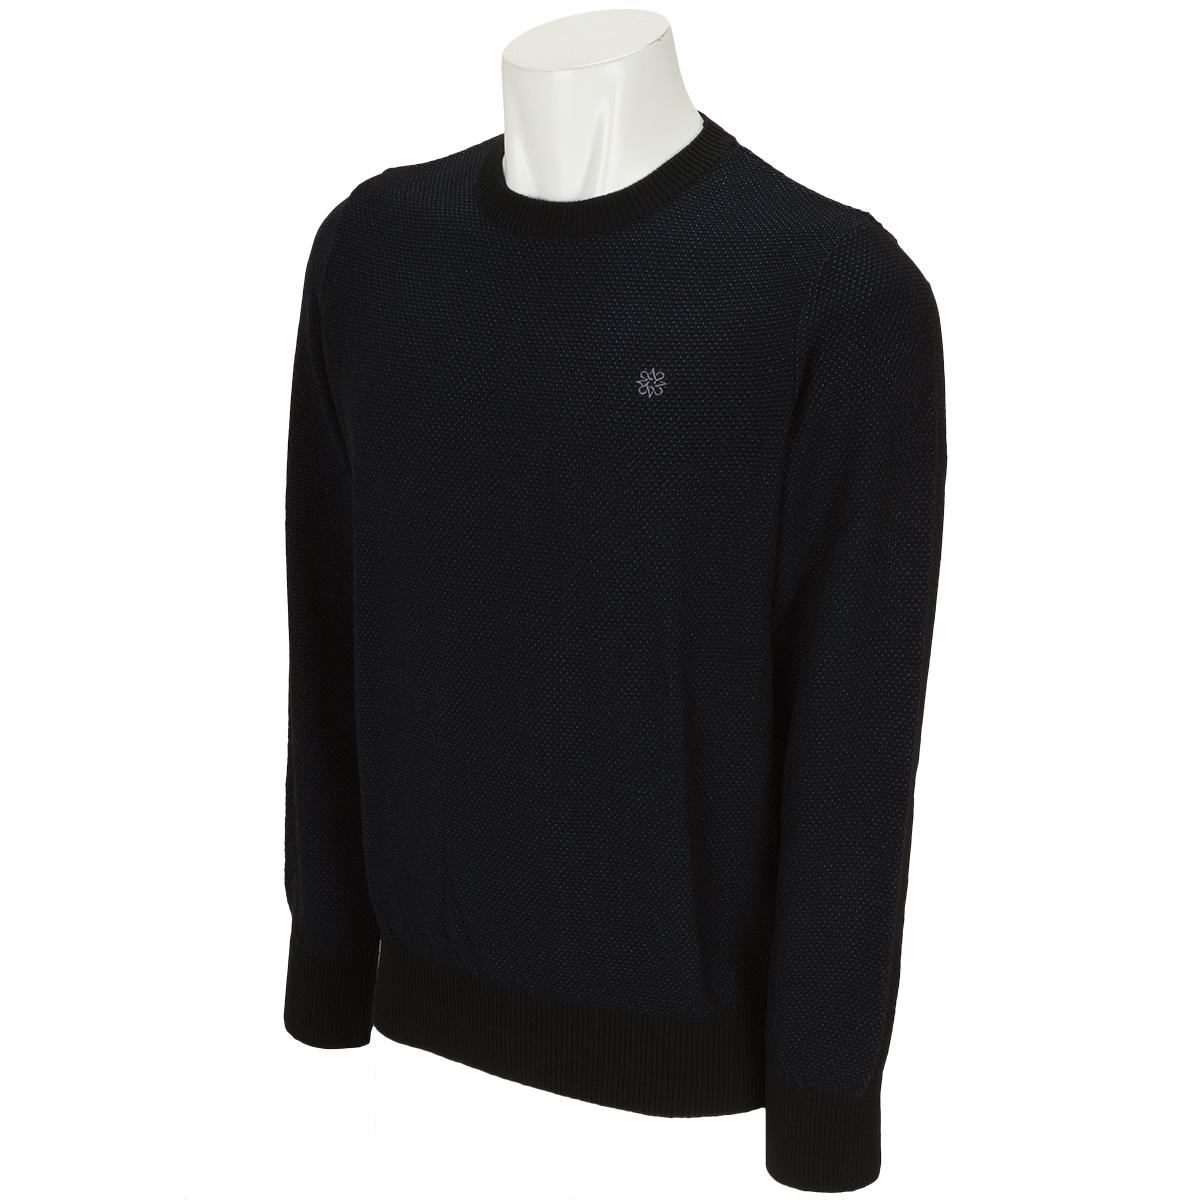 BlackLabel タック編みクルーネックセーター